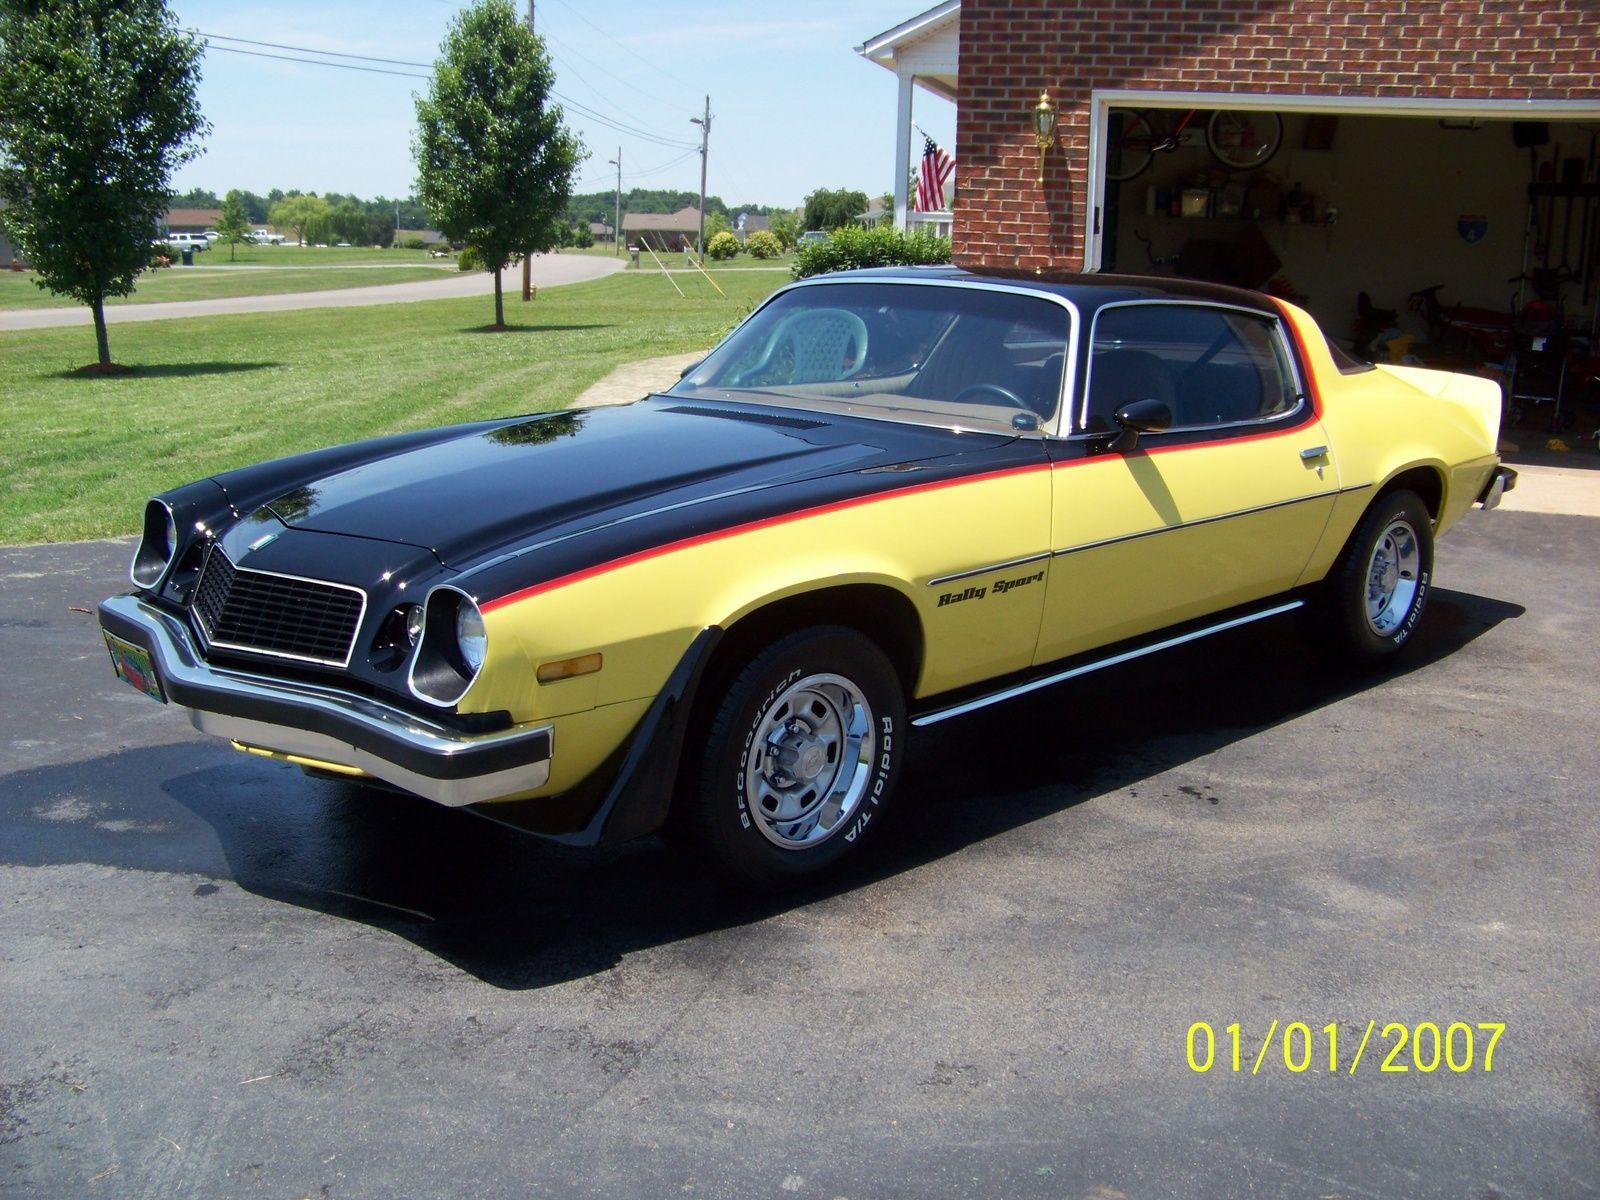 1976 camaro picture of 1976 chevrolet camaro exterior